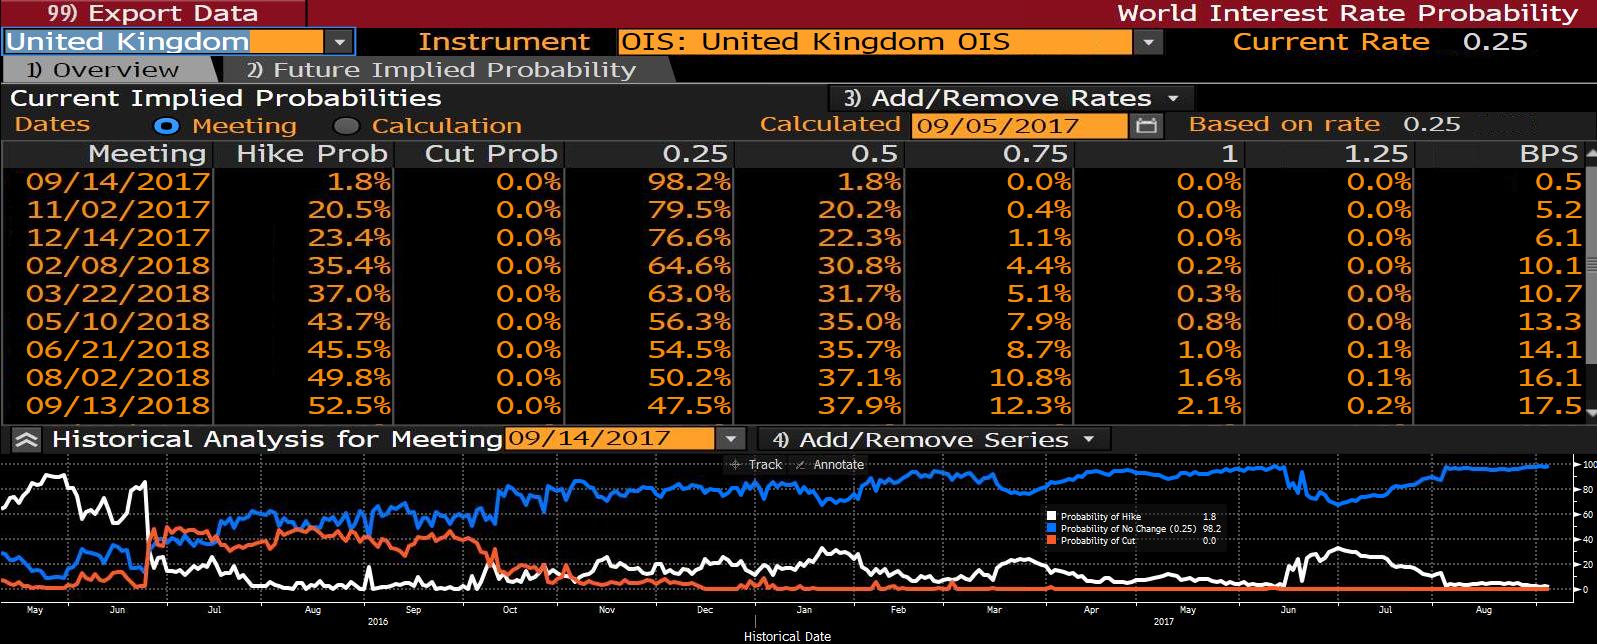 Prawdopodobieństwo podwyżki stóp procentowych w Wielkiej Brytanii